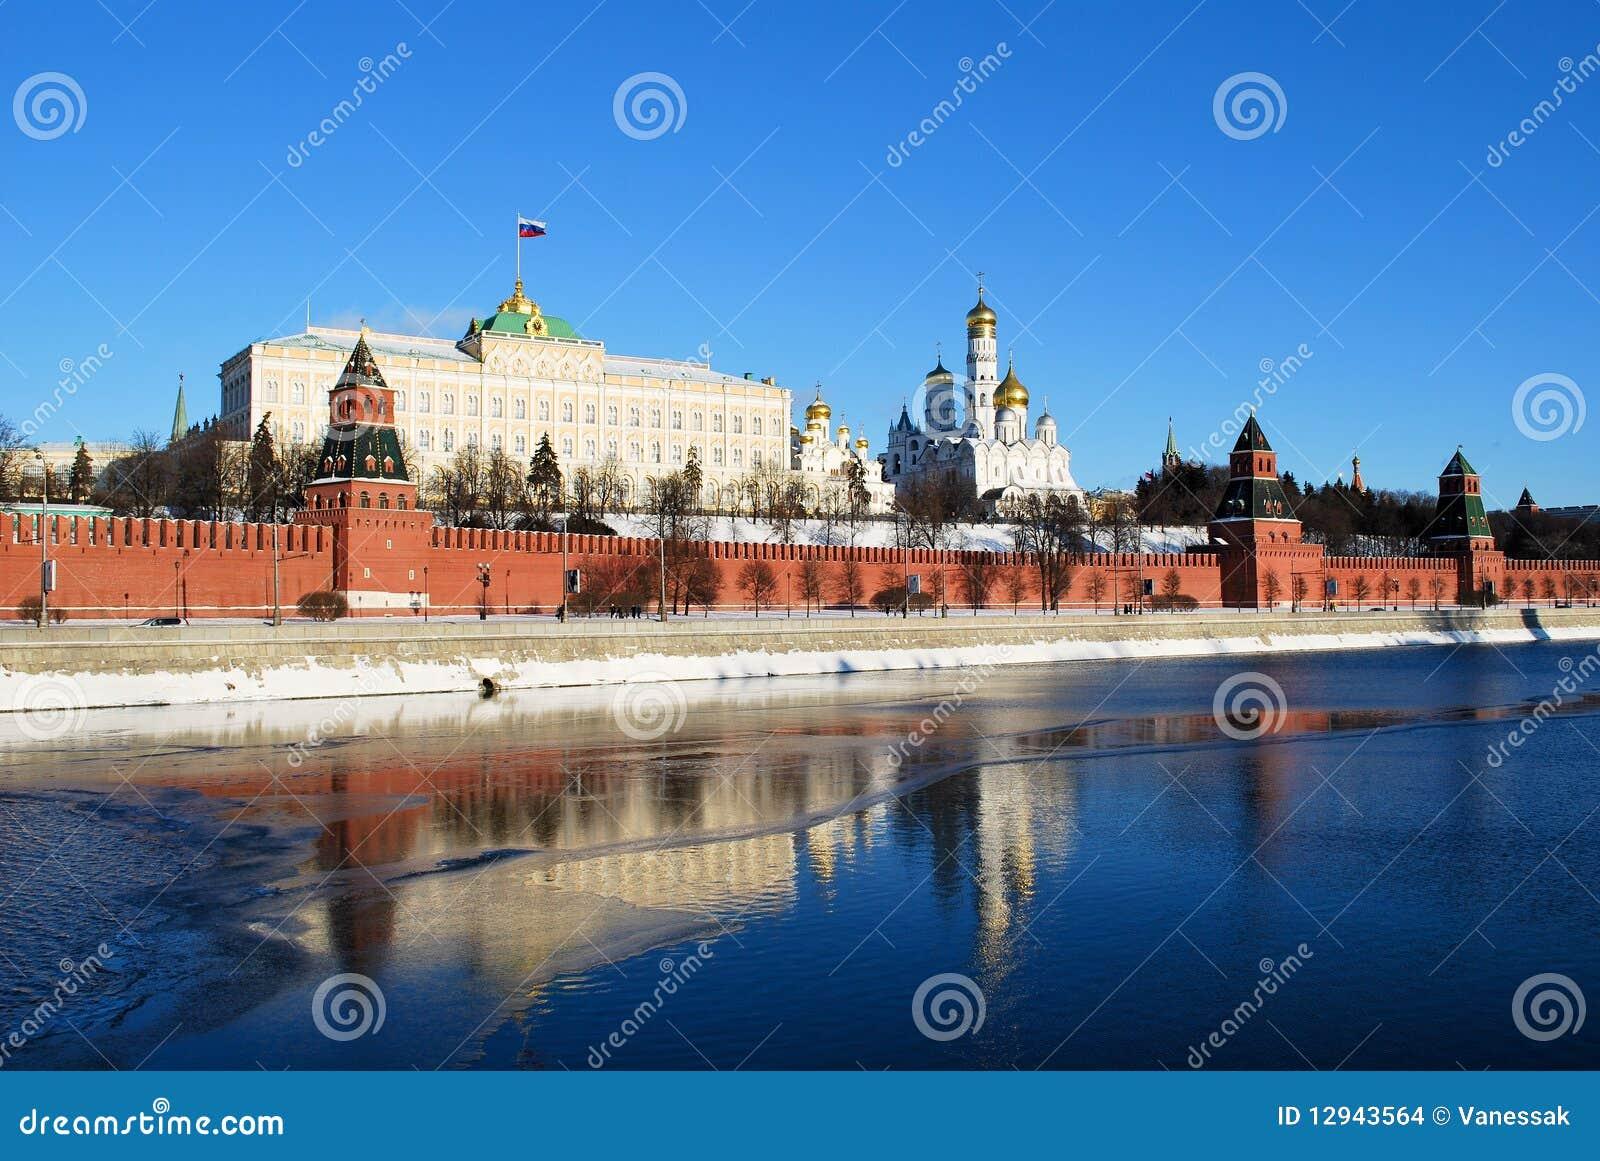 Der Kremlin in Moskau